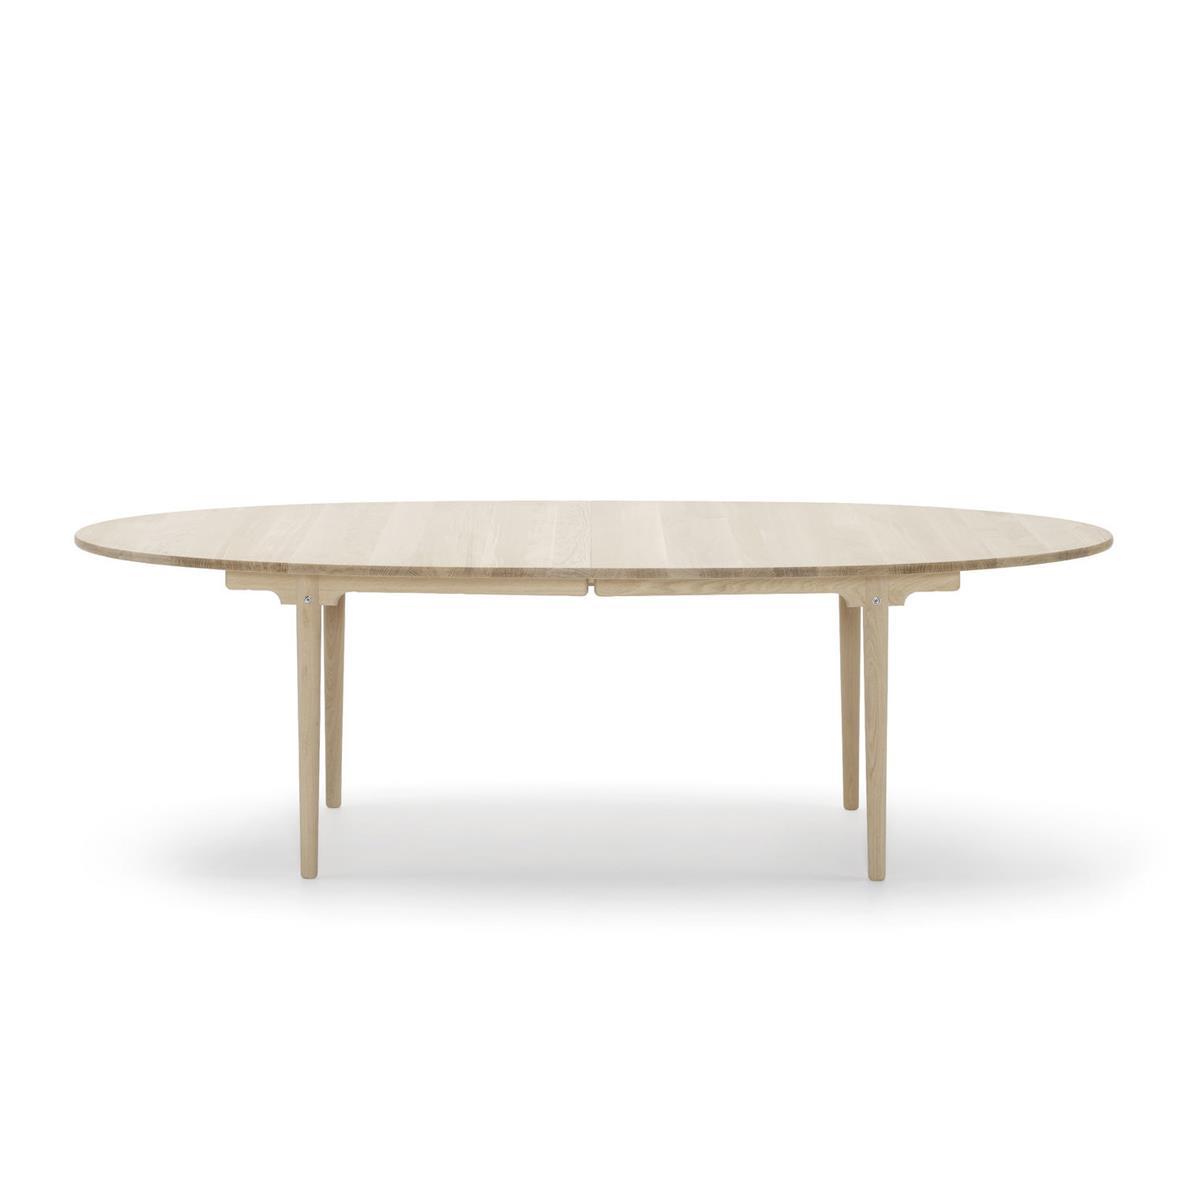 Euklides Eikund Øya Dining Table. Eik oljet. 210 x 110